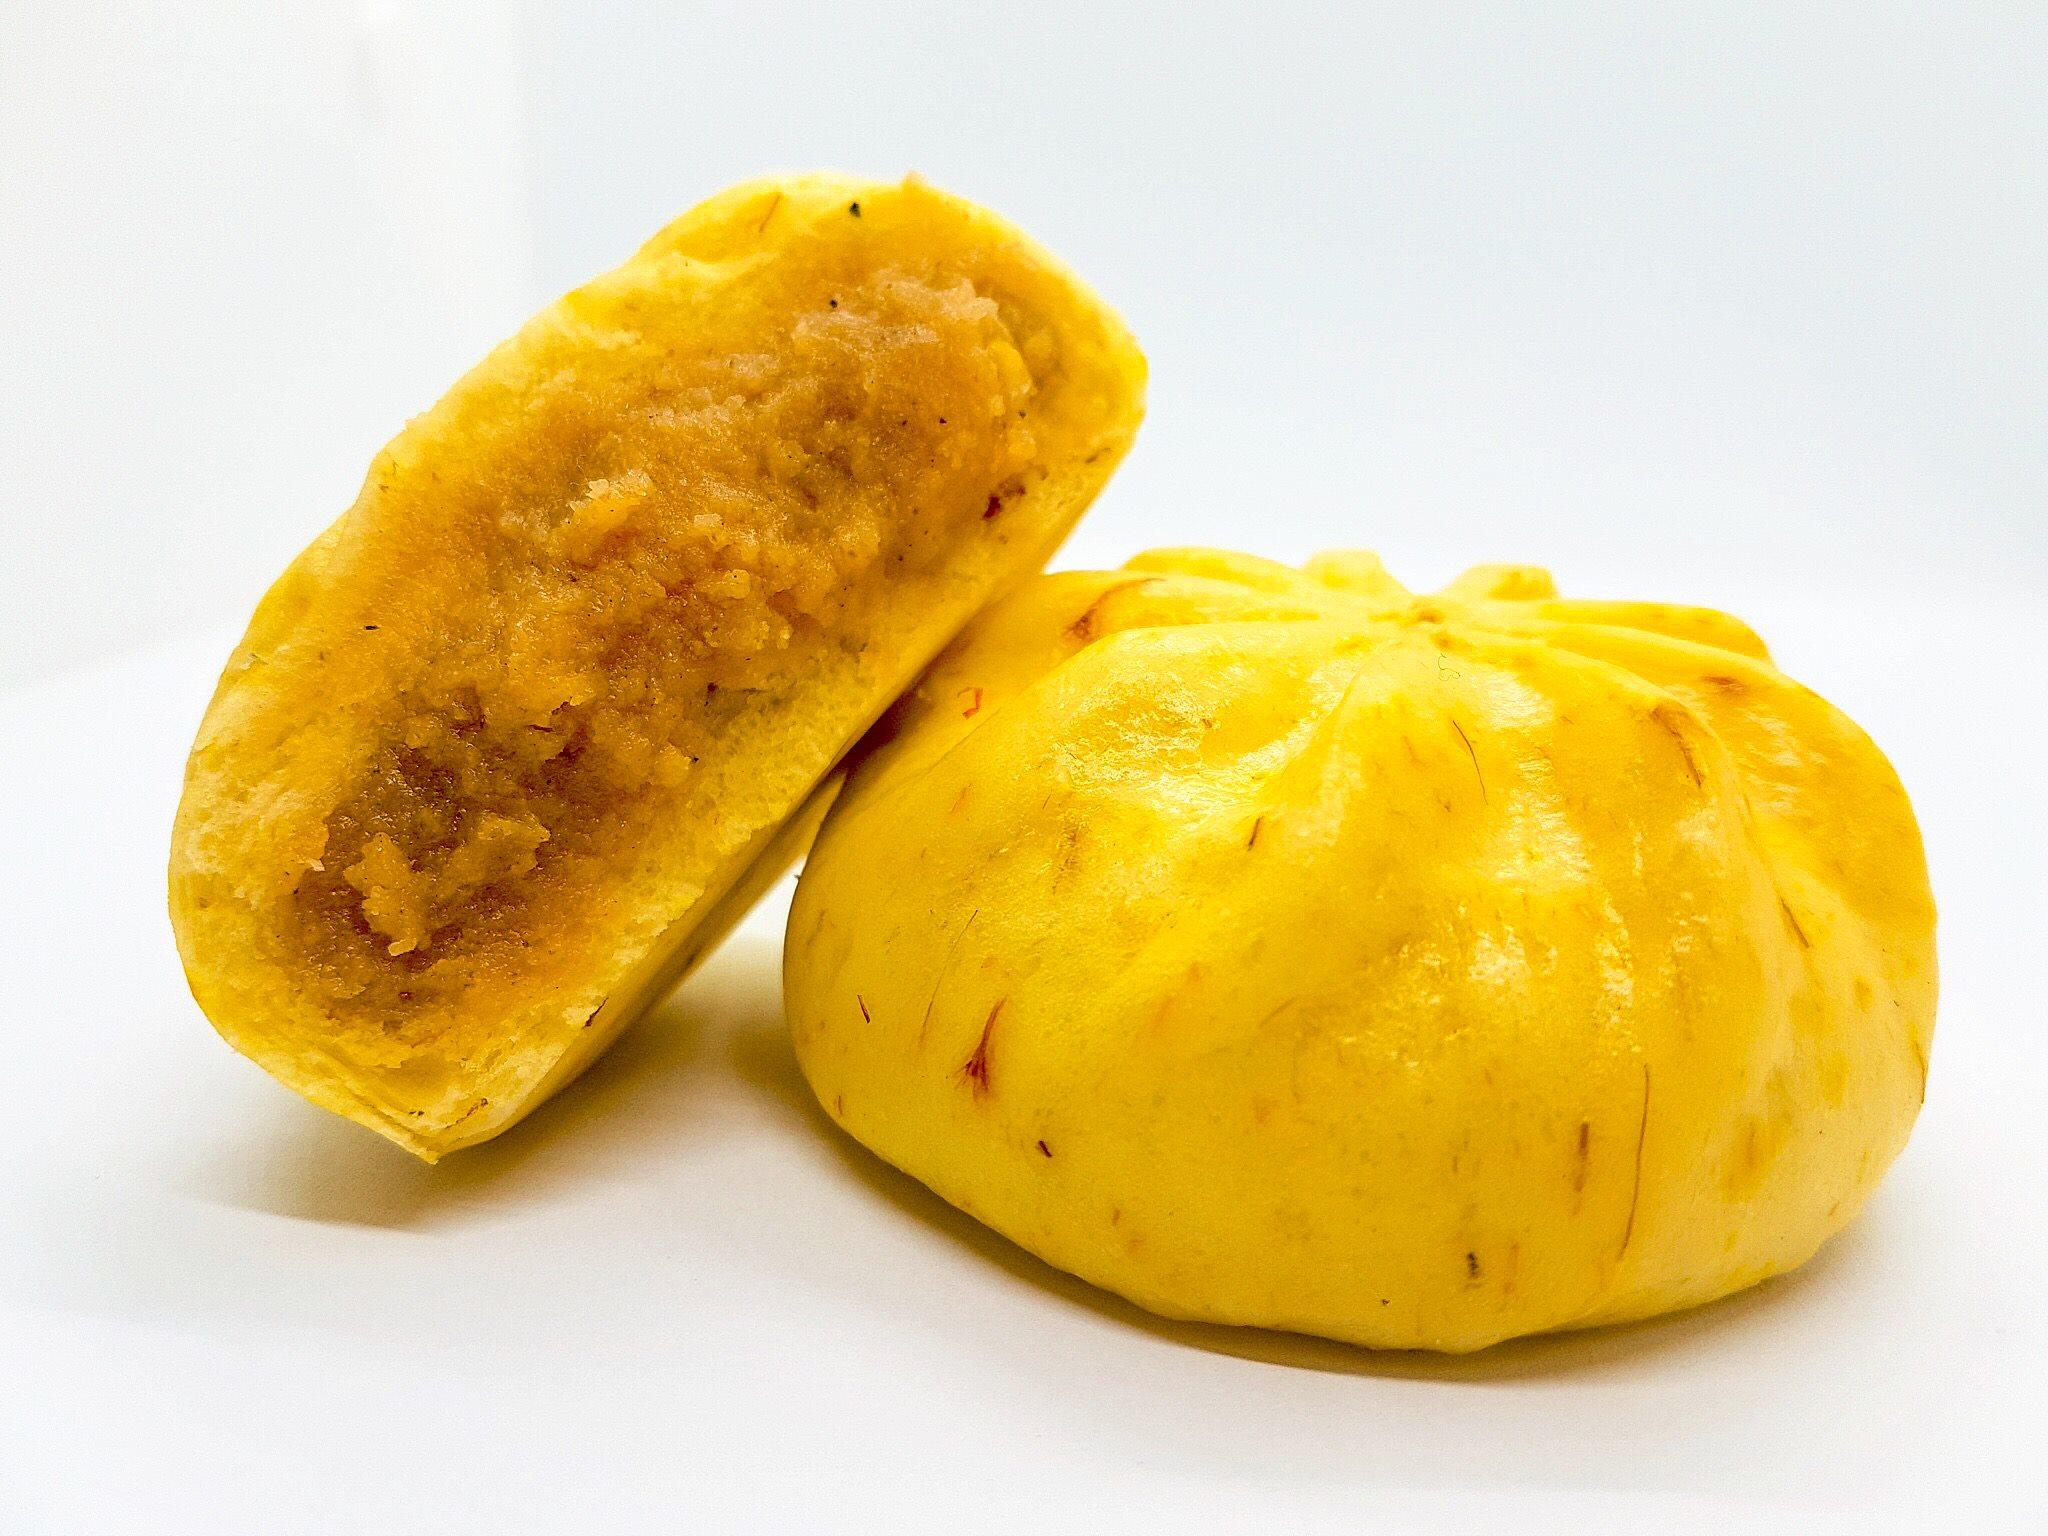 ซาลาเปา นครศรีธรรมราช วินเปาเปา อร่อยรสเด็ดพร้อมน้ำเต้าหู้สูตรพิเศษ นครศรีดีย์